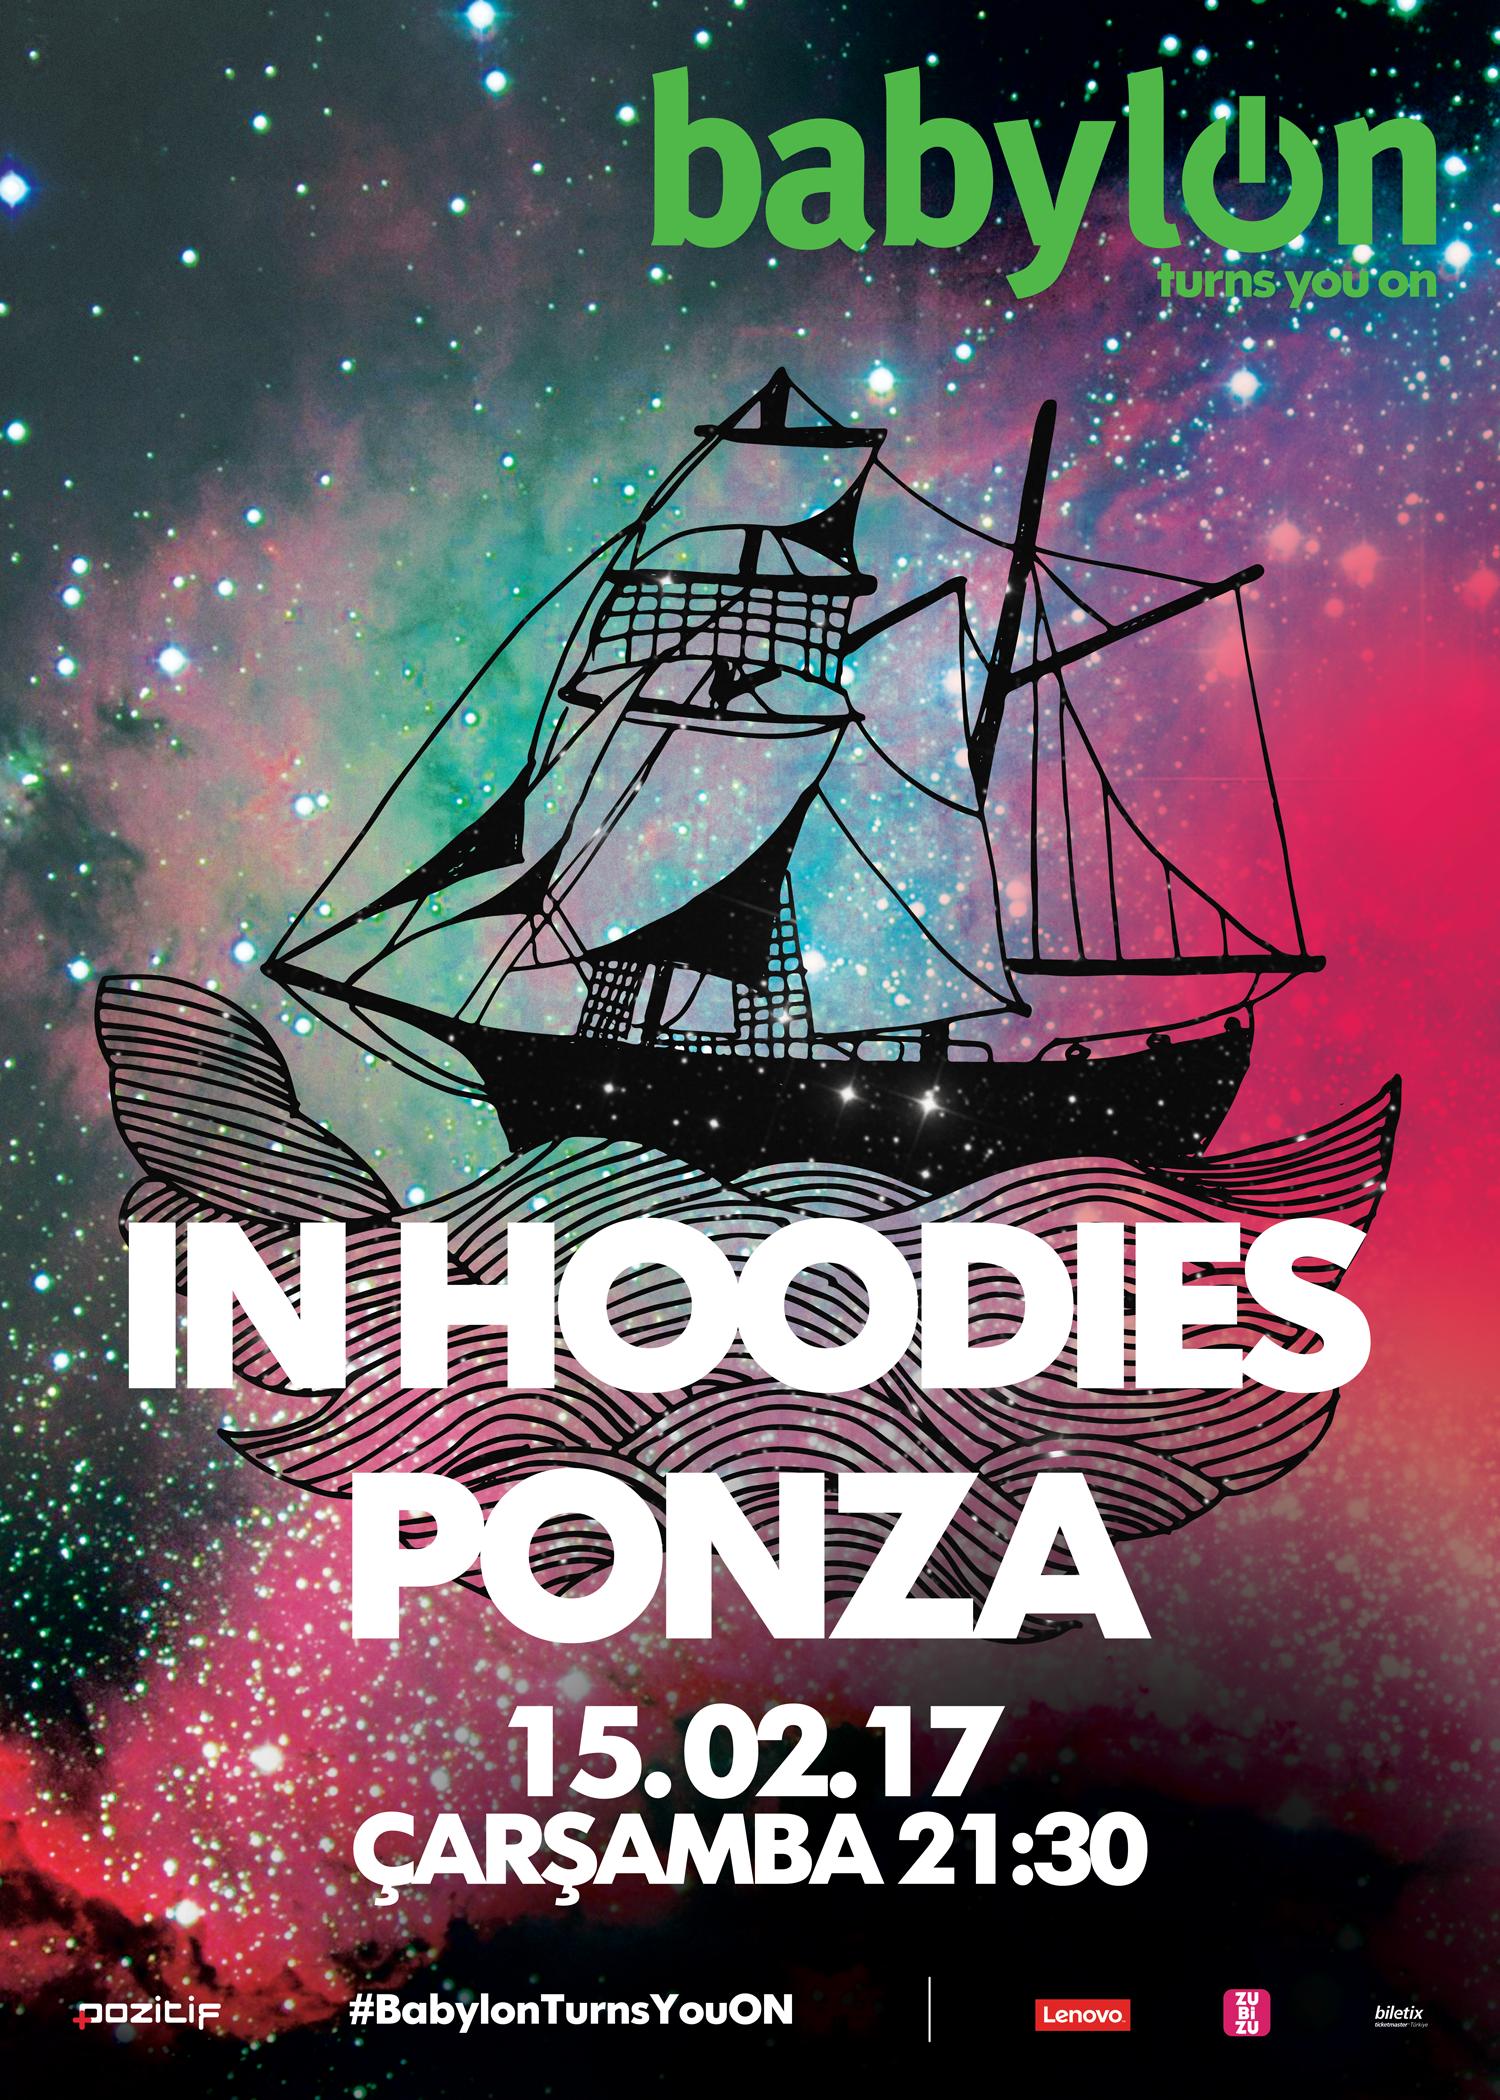 In Hoodies & Ponza @Babylon